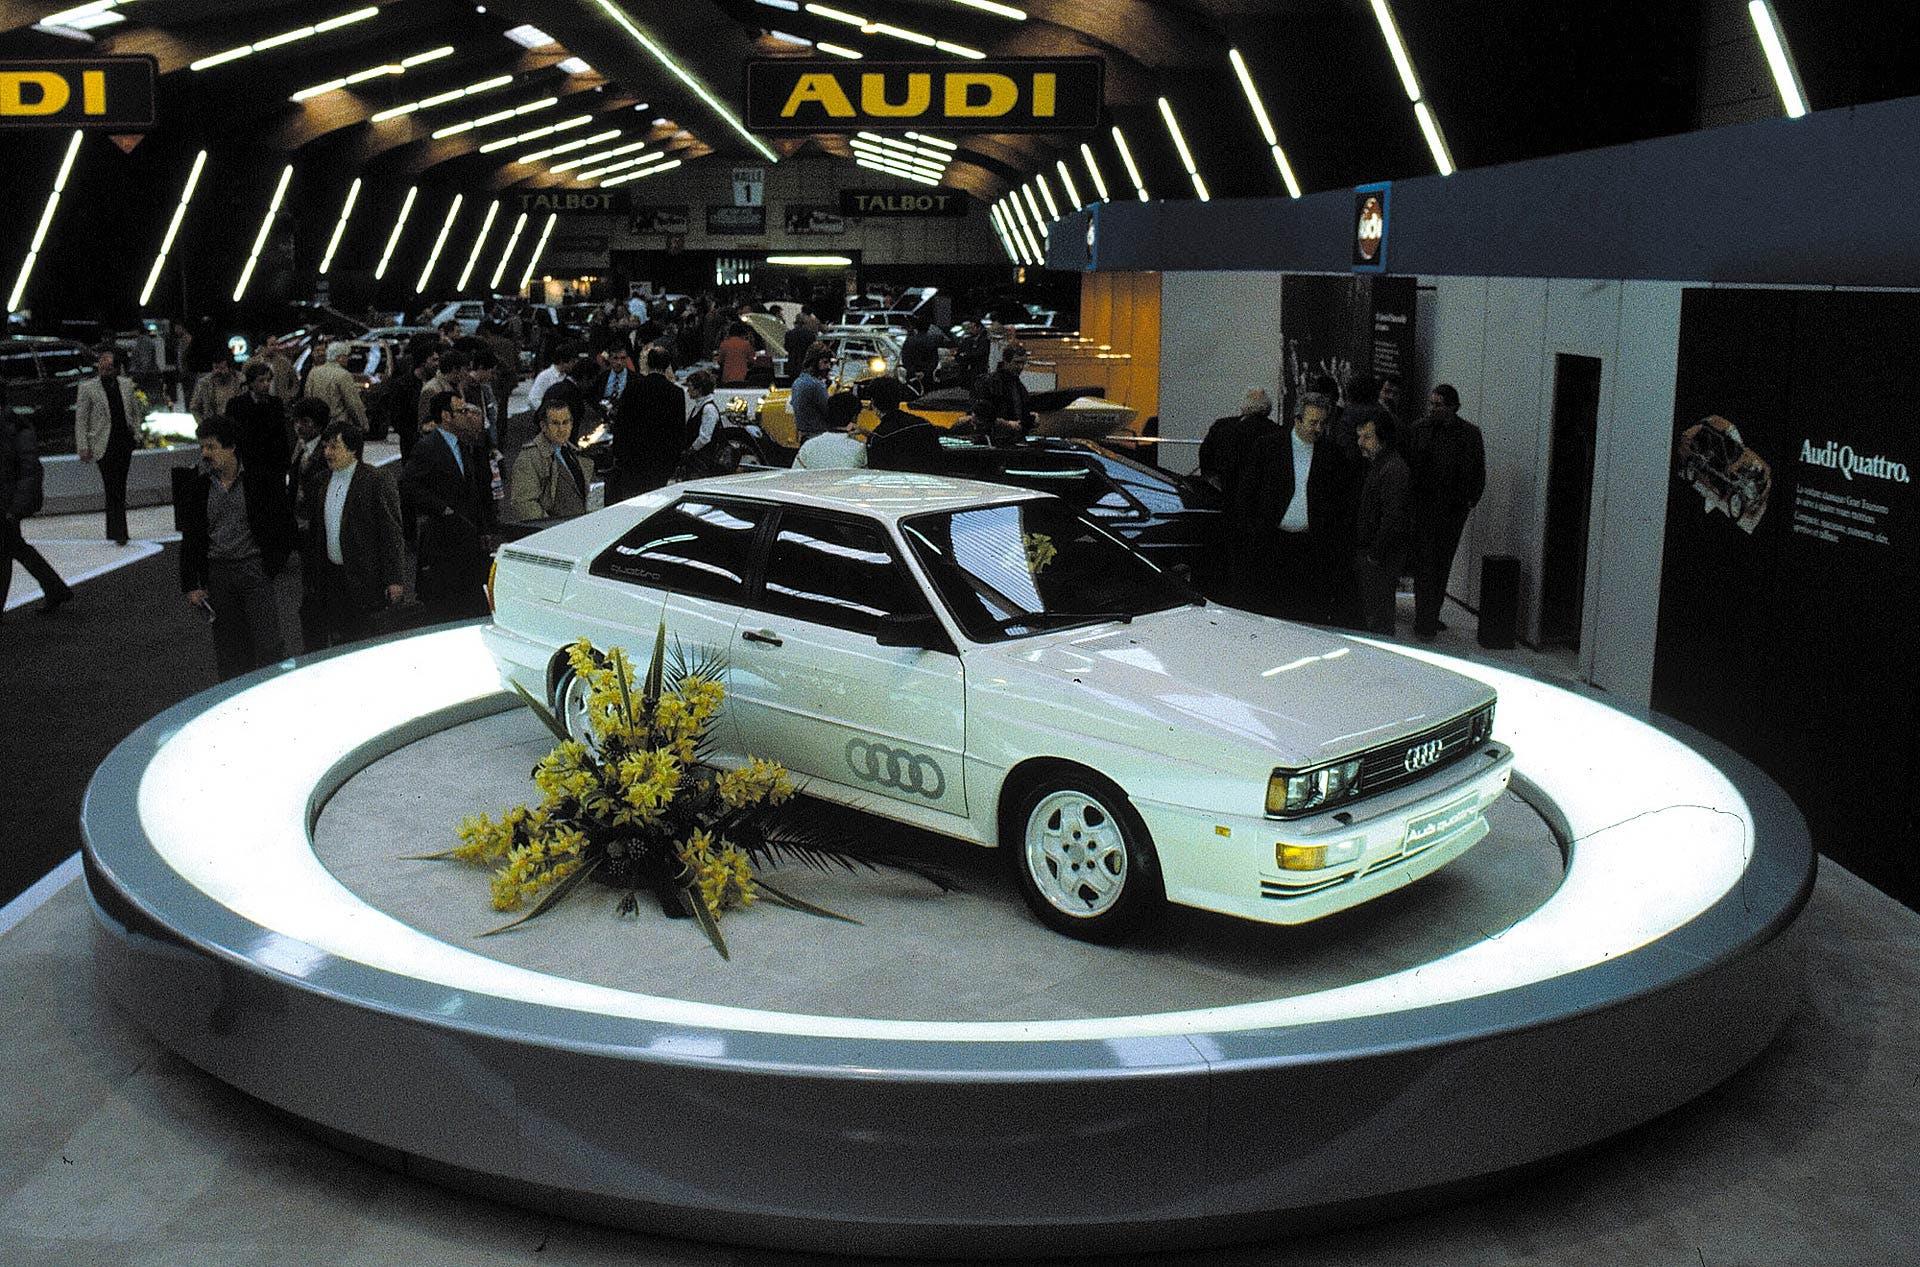 Il 3 marzo 1980 al salone dell'auto di Ginevra viene presentata l'Audi Quattro